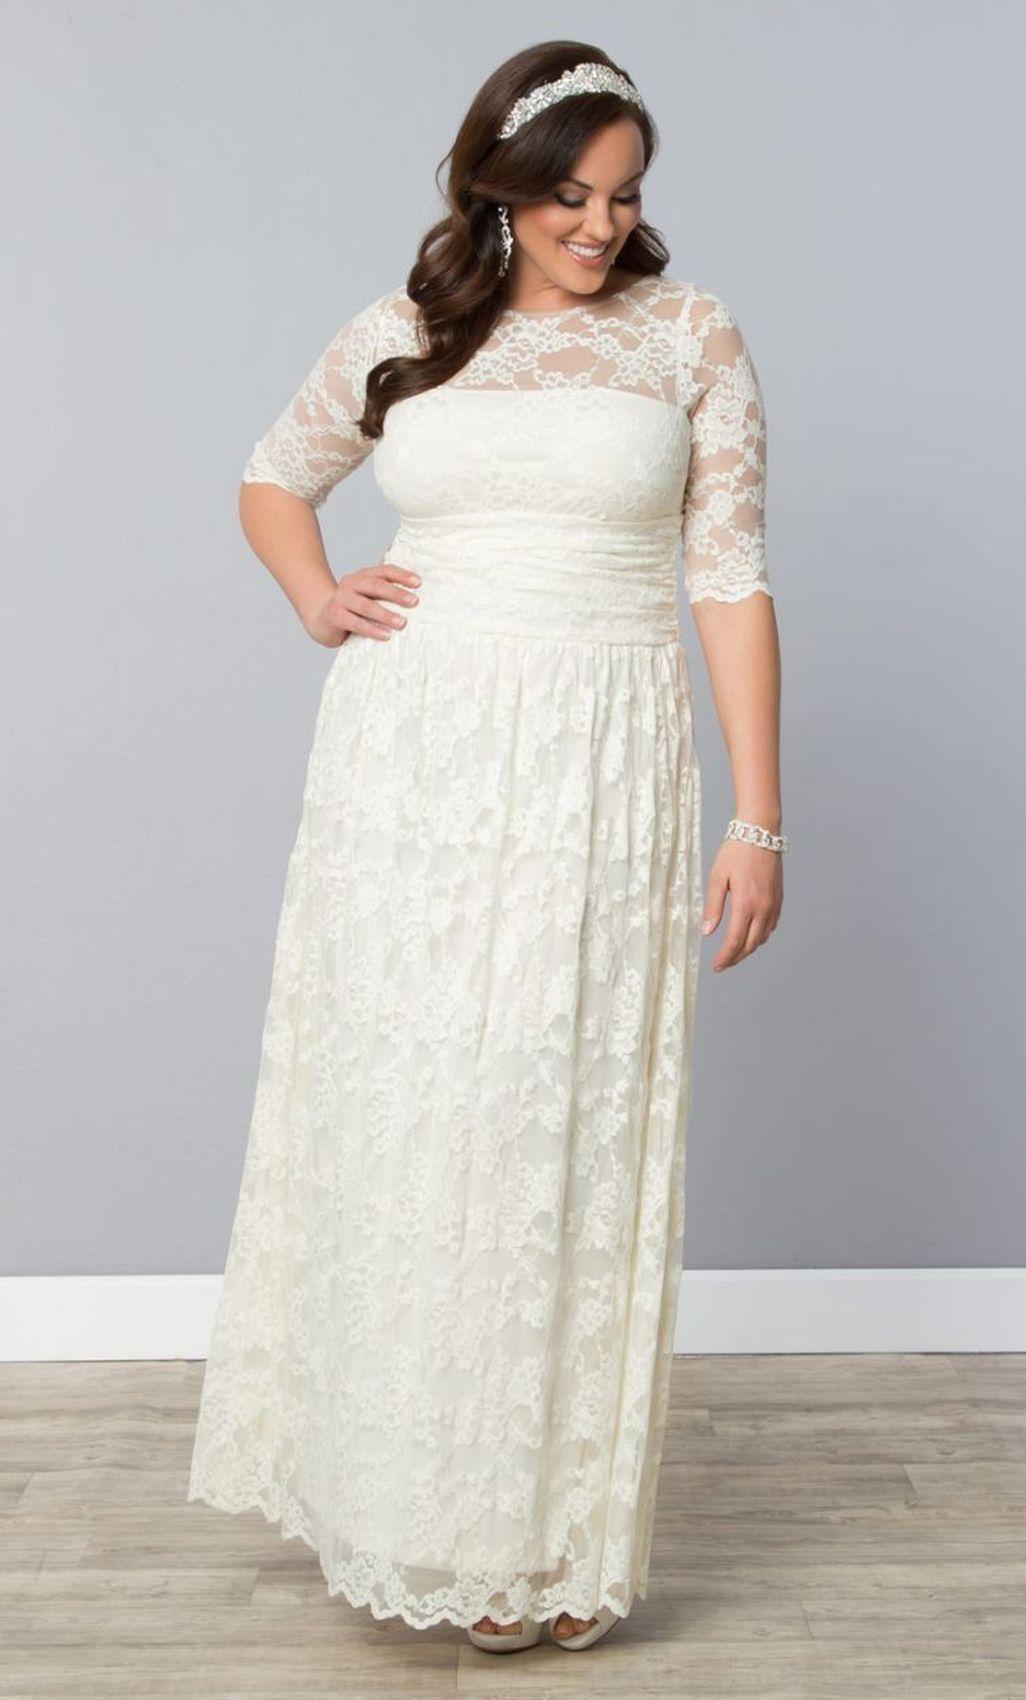 Plus size white wedding dresses   Stylish Plus Size Wedding Dresses Inspirations Ideas  in my